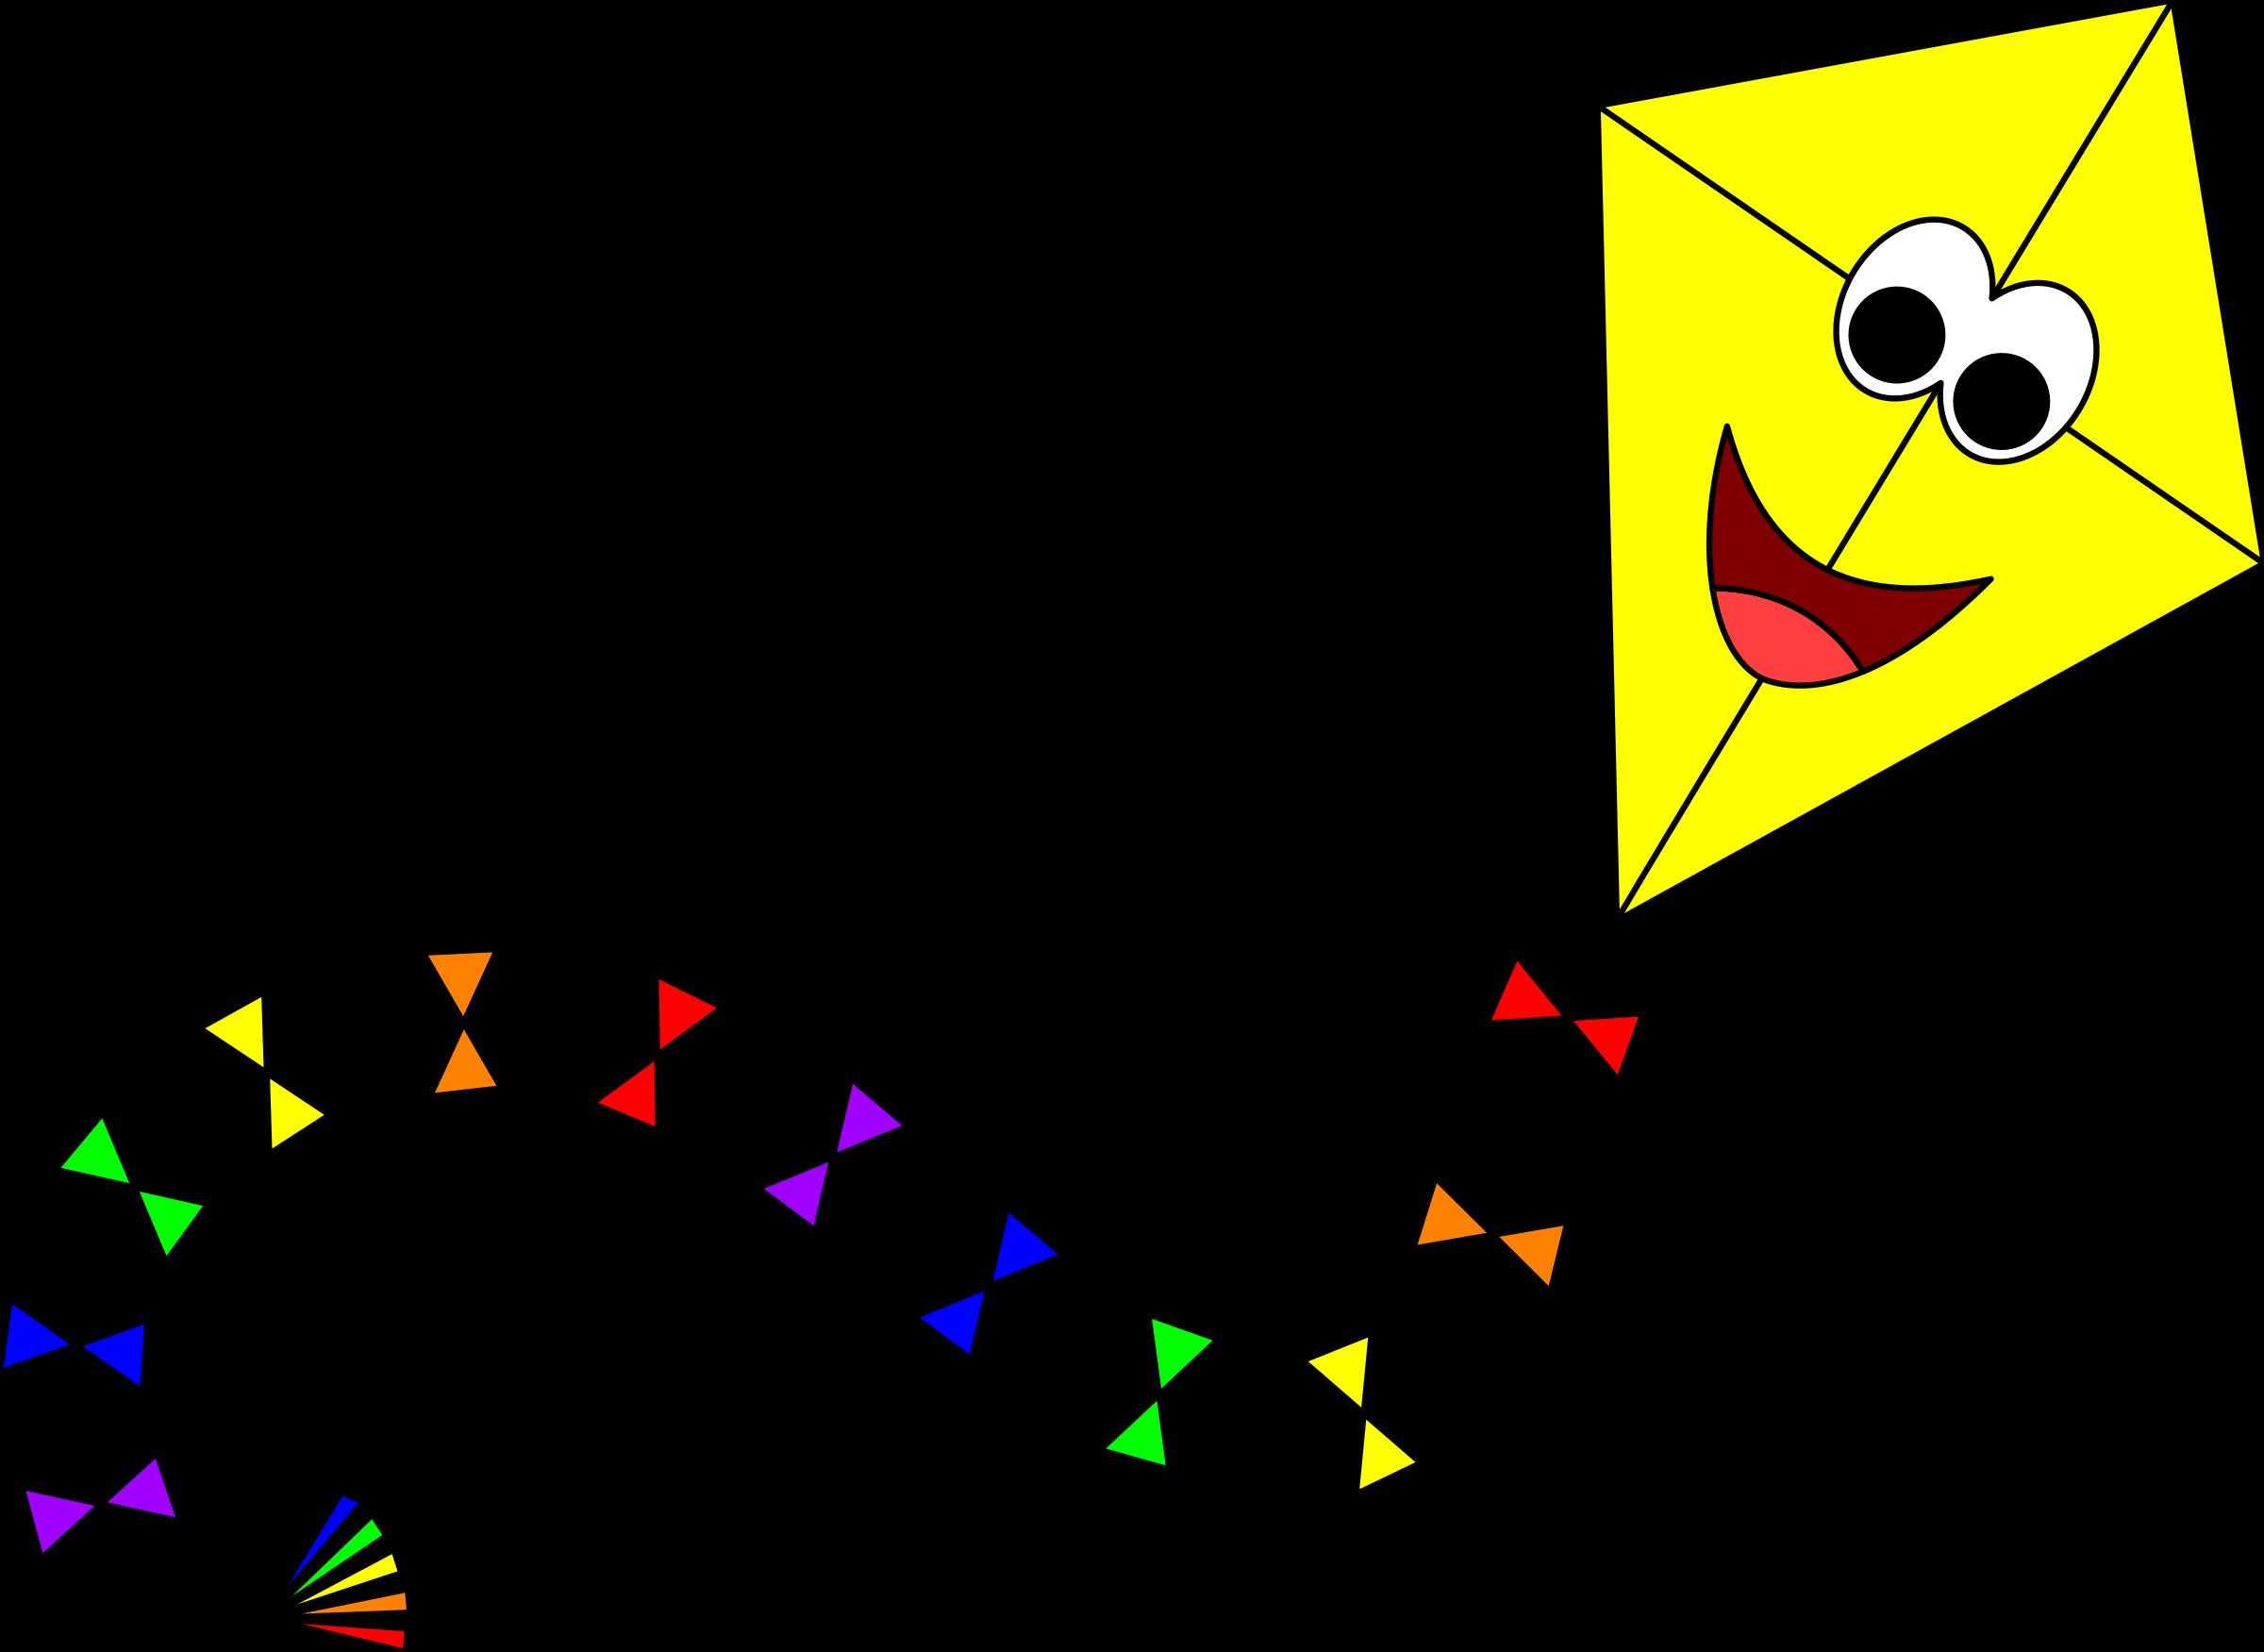 Yellow clipart kite Yellow Yellow kite 2 with